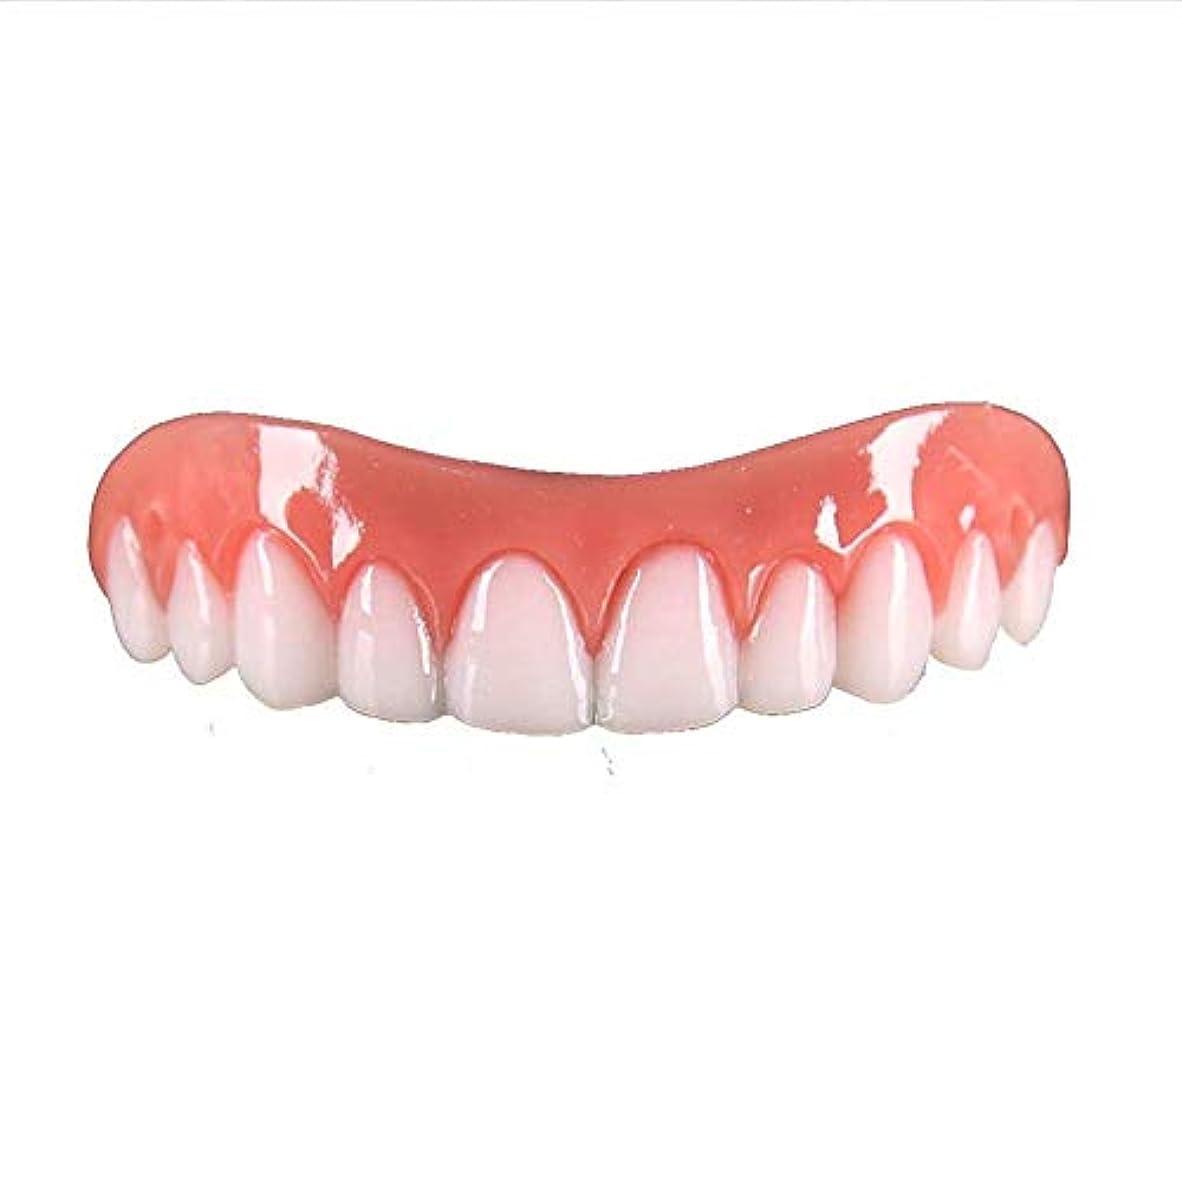 均等に選択ワーカー上段ホワイトシリカゲルシミュレーション義歯プラスチックパーフェクトフィットスナップオンスマイル義歯歯セット